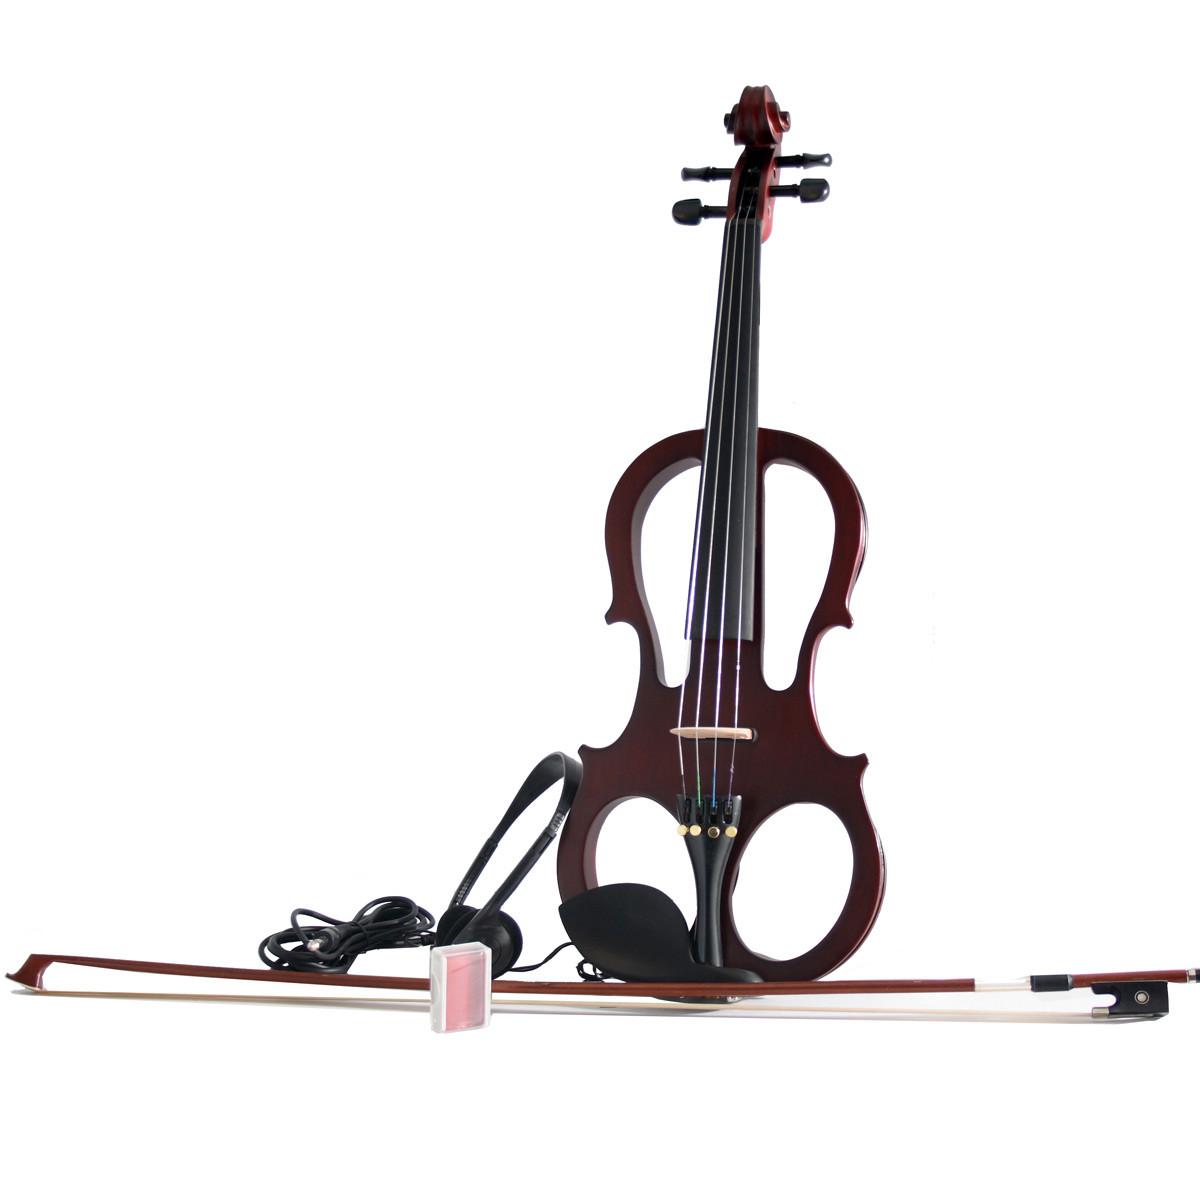 SOUNDSATION E-MASTER Violino elettrico 4/4 con astuccio, arco e cuffie